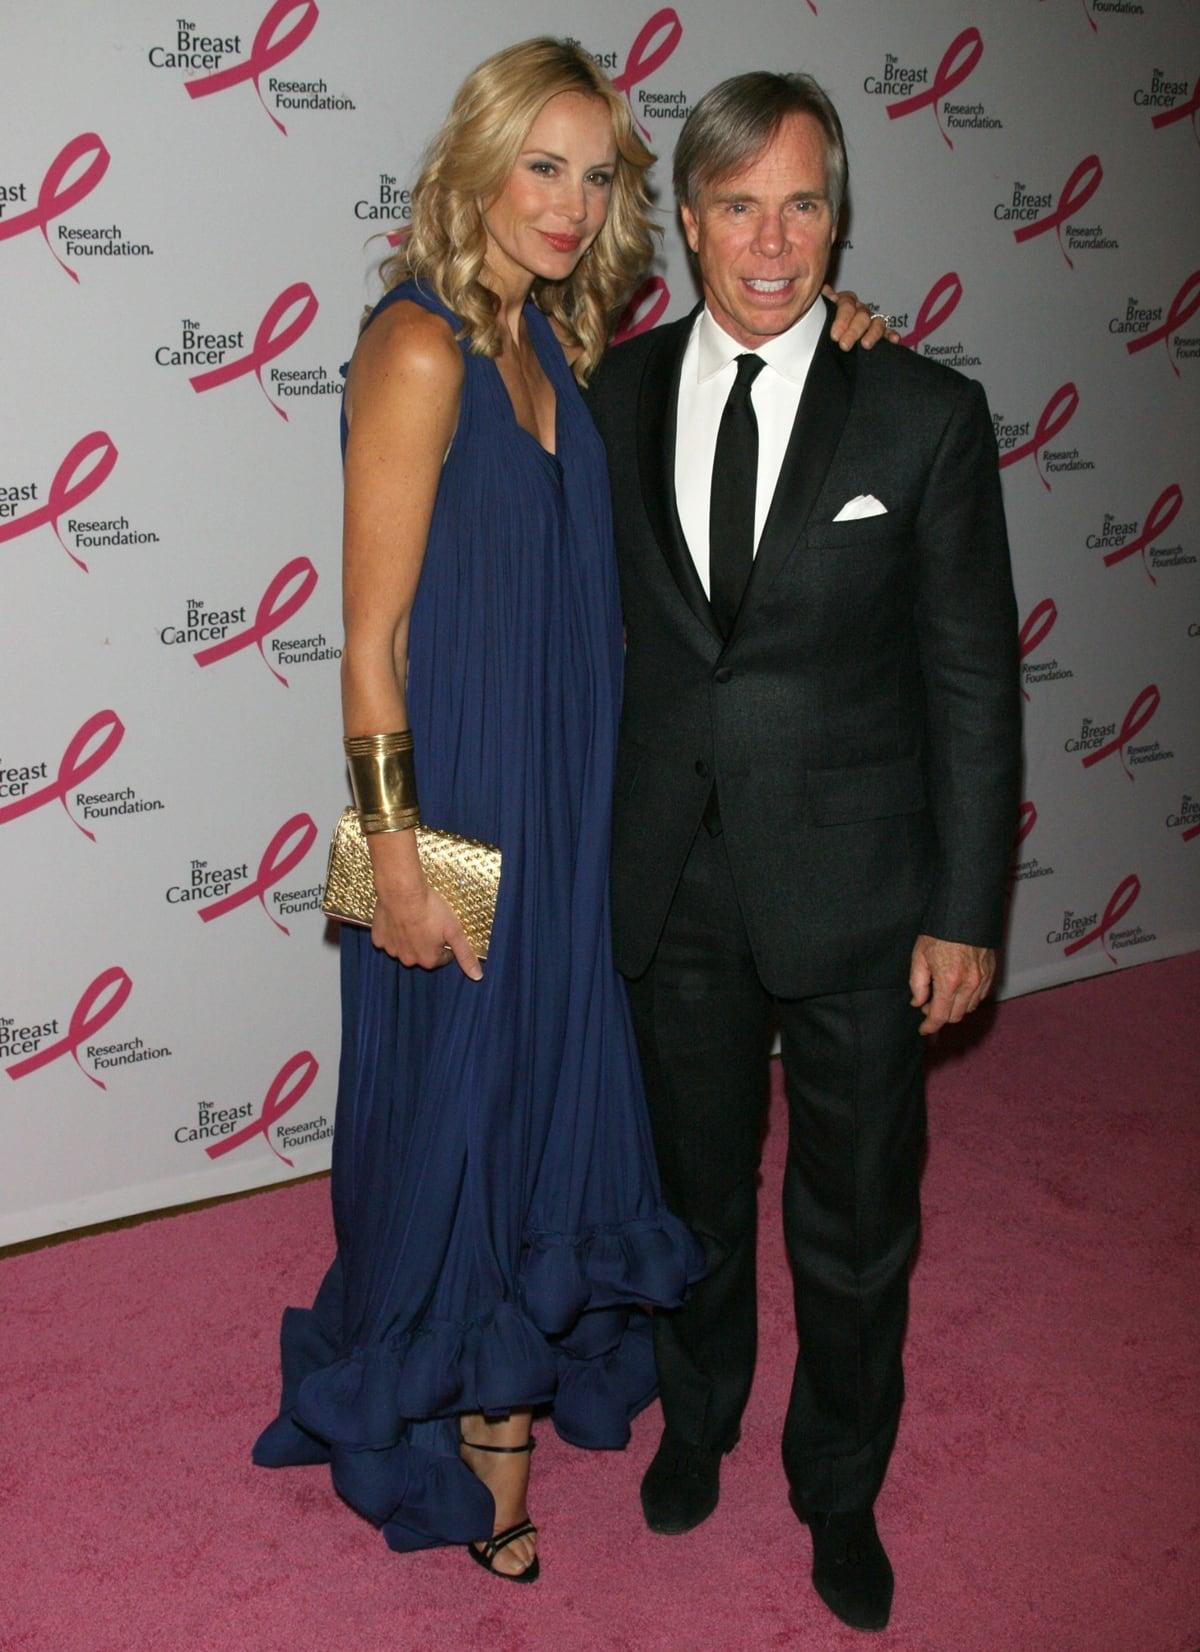 Turkish American fashion designer Deniz Caroline Erbuğ married Tommy Hilfiger in 2008